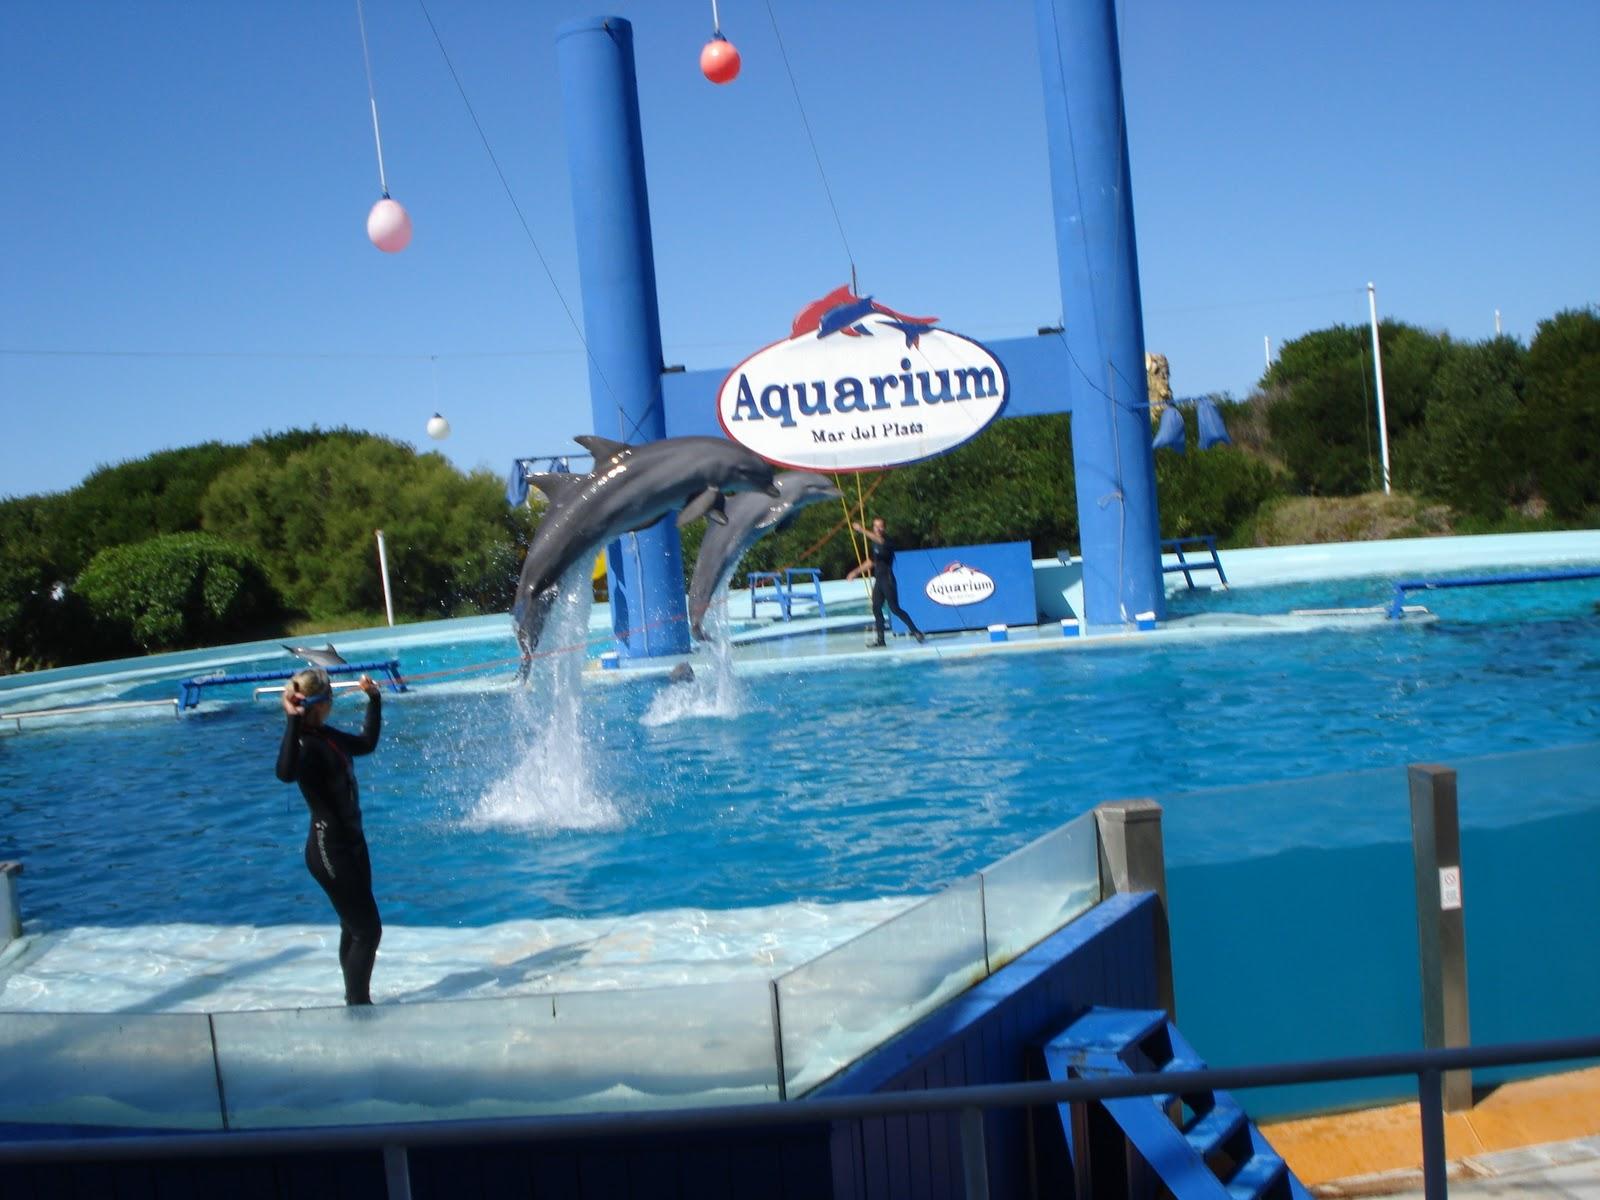 Aquarium Mar del Plata